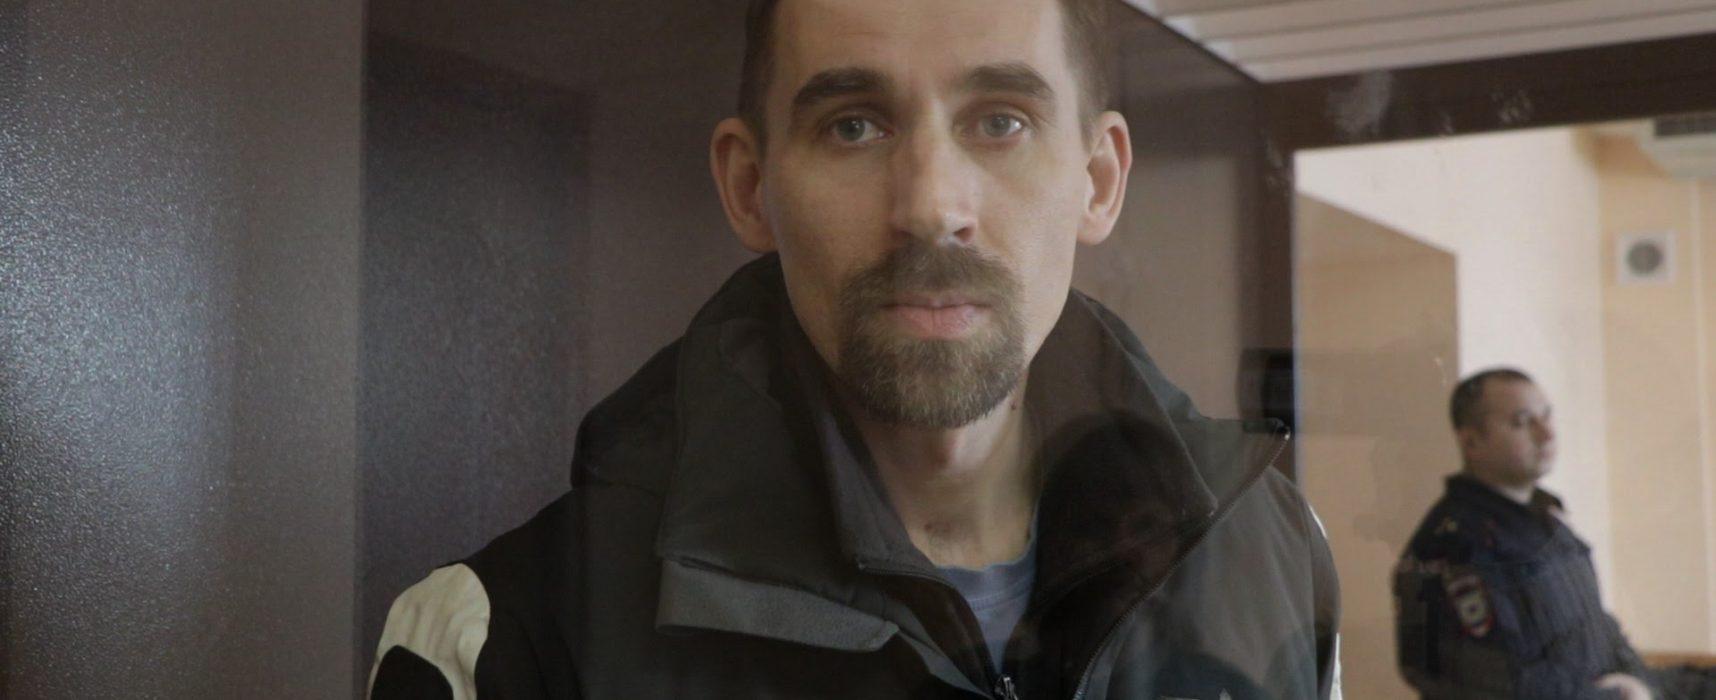 Тверской блогер Андрей Бубеев получил два года колонии за репосты ВКонтакте